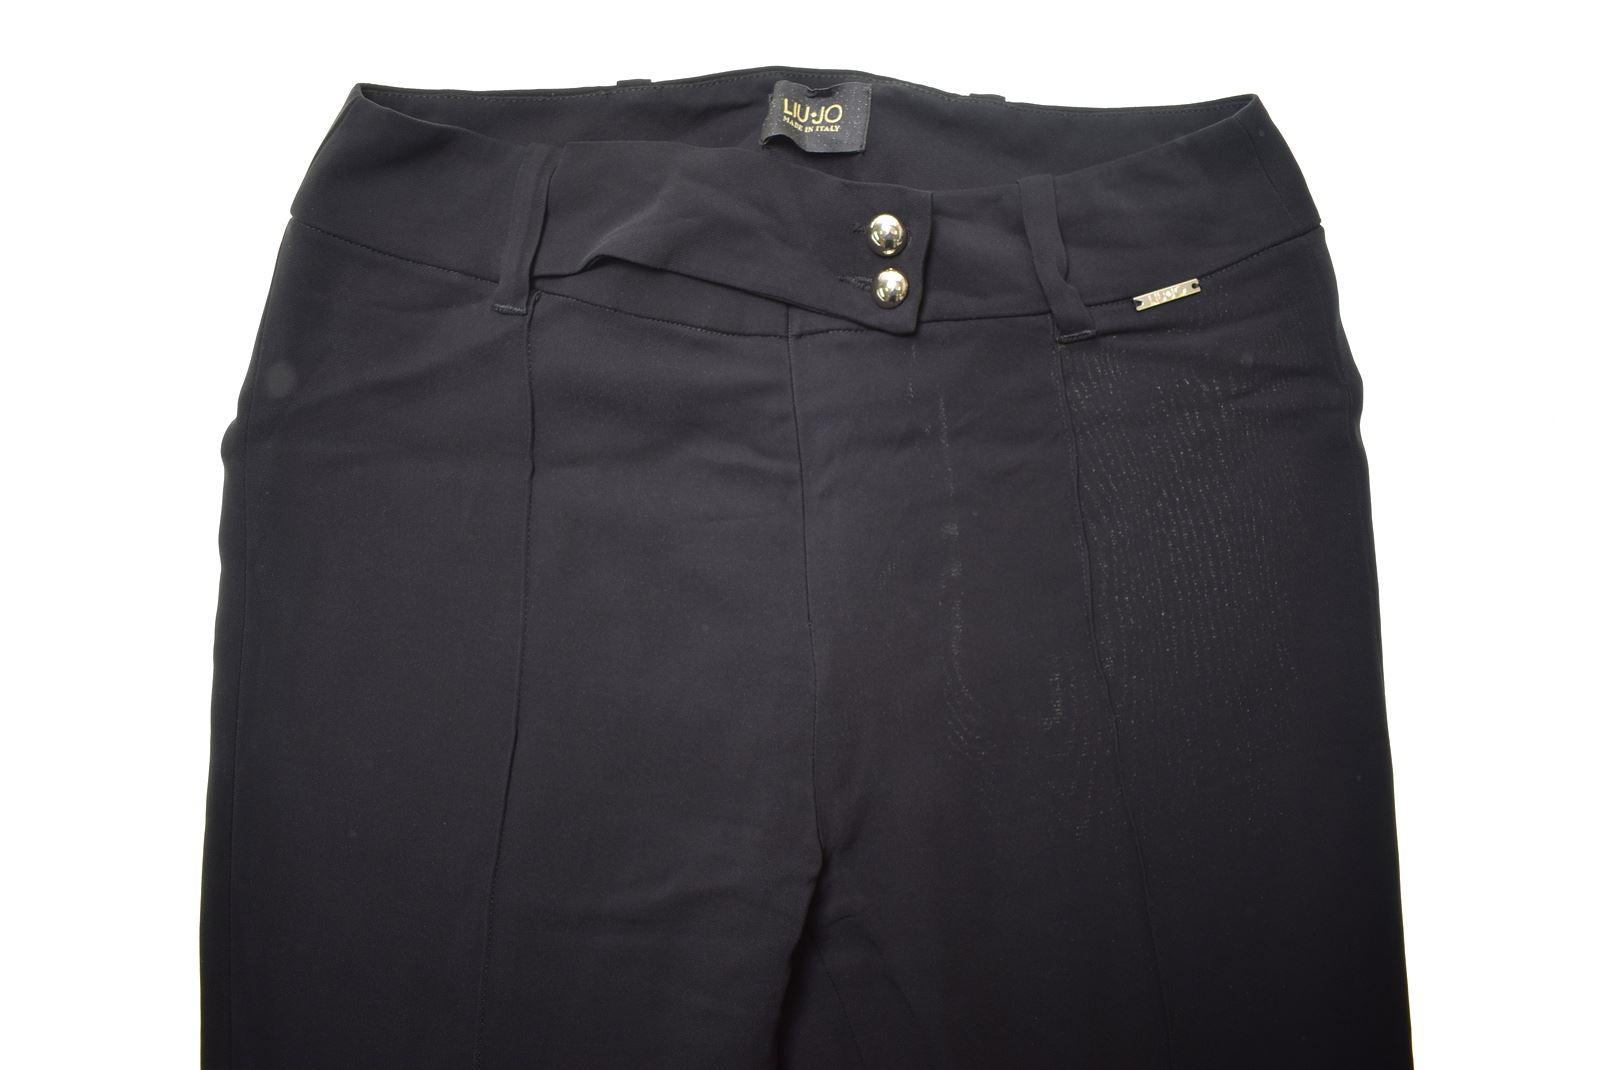 3dd72a709c LIU JO Womens Suit Trousers IT 40 W26 L30 Black Viscose JL05 | eBay